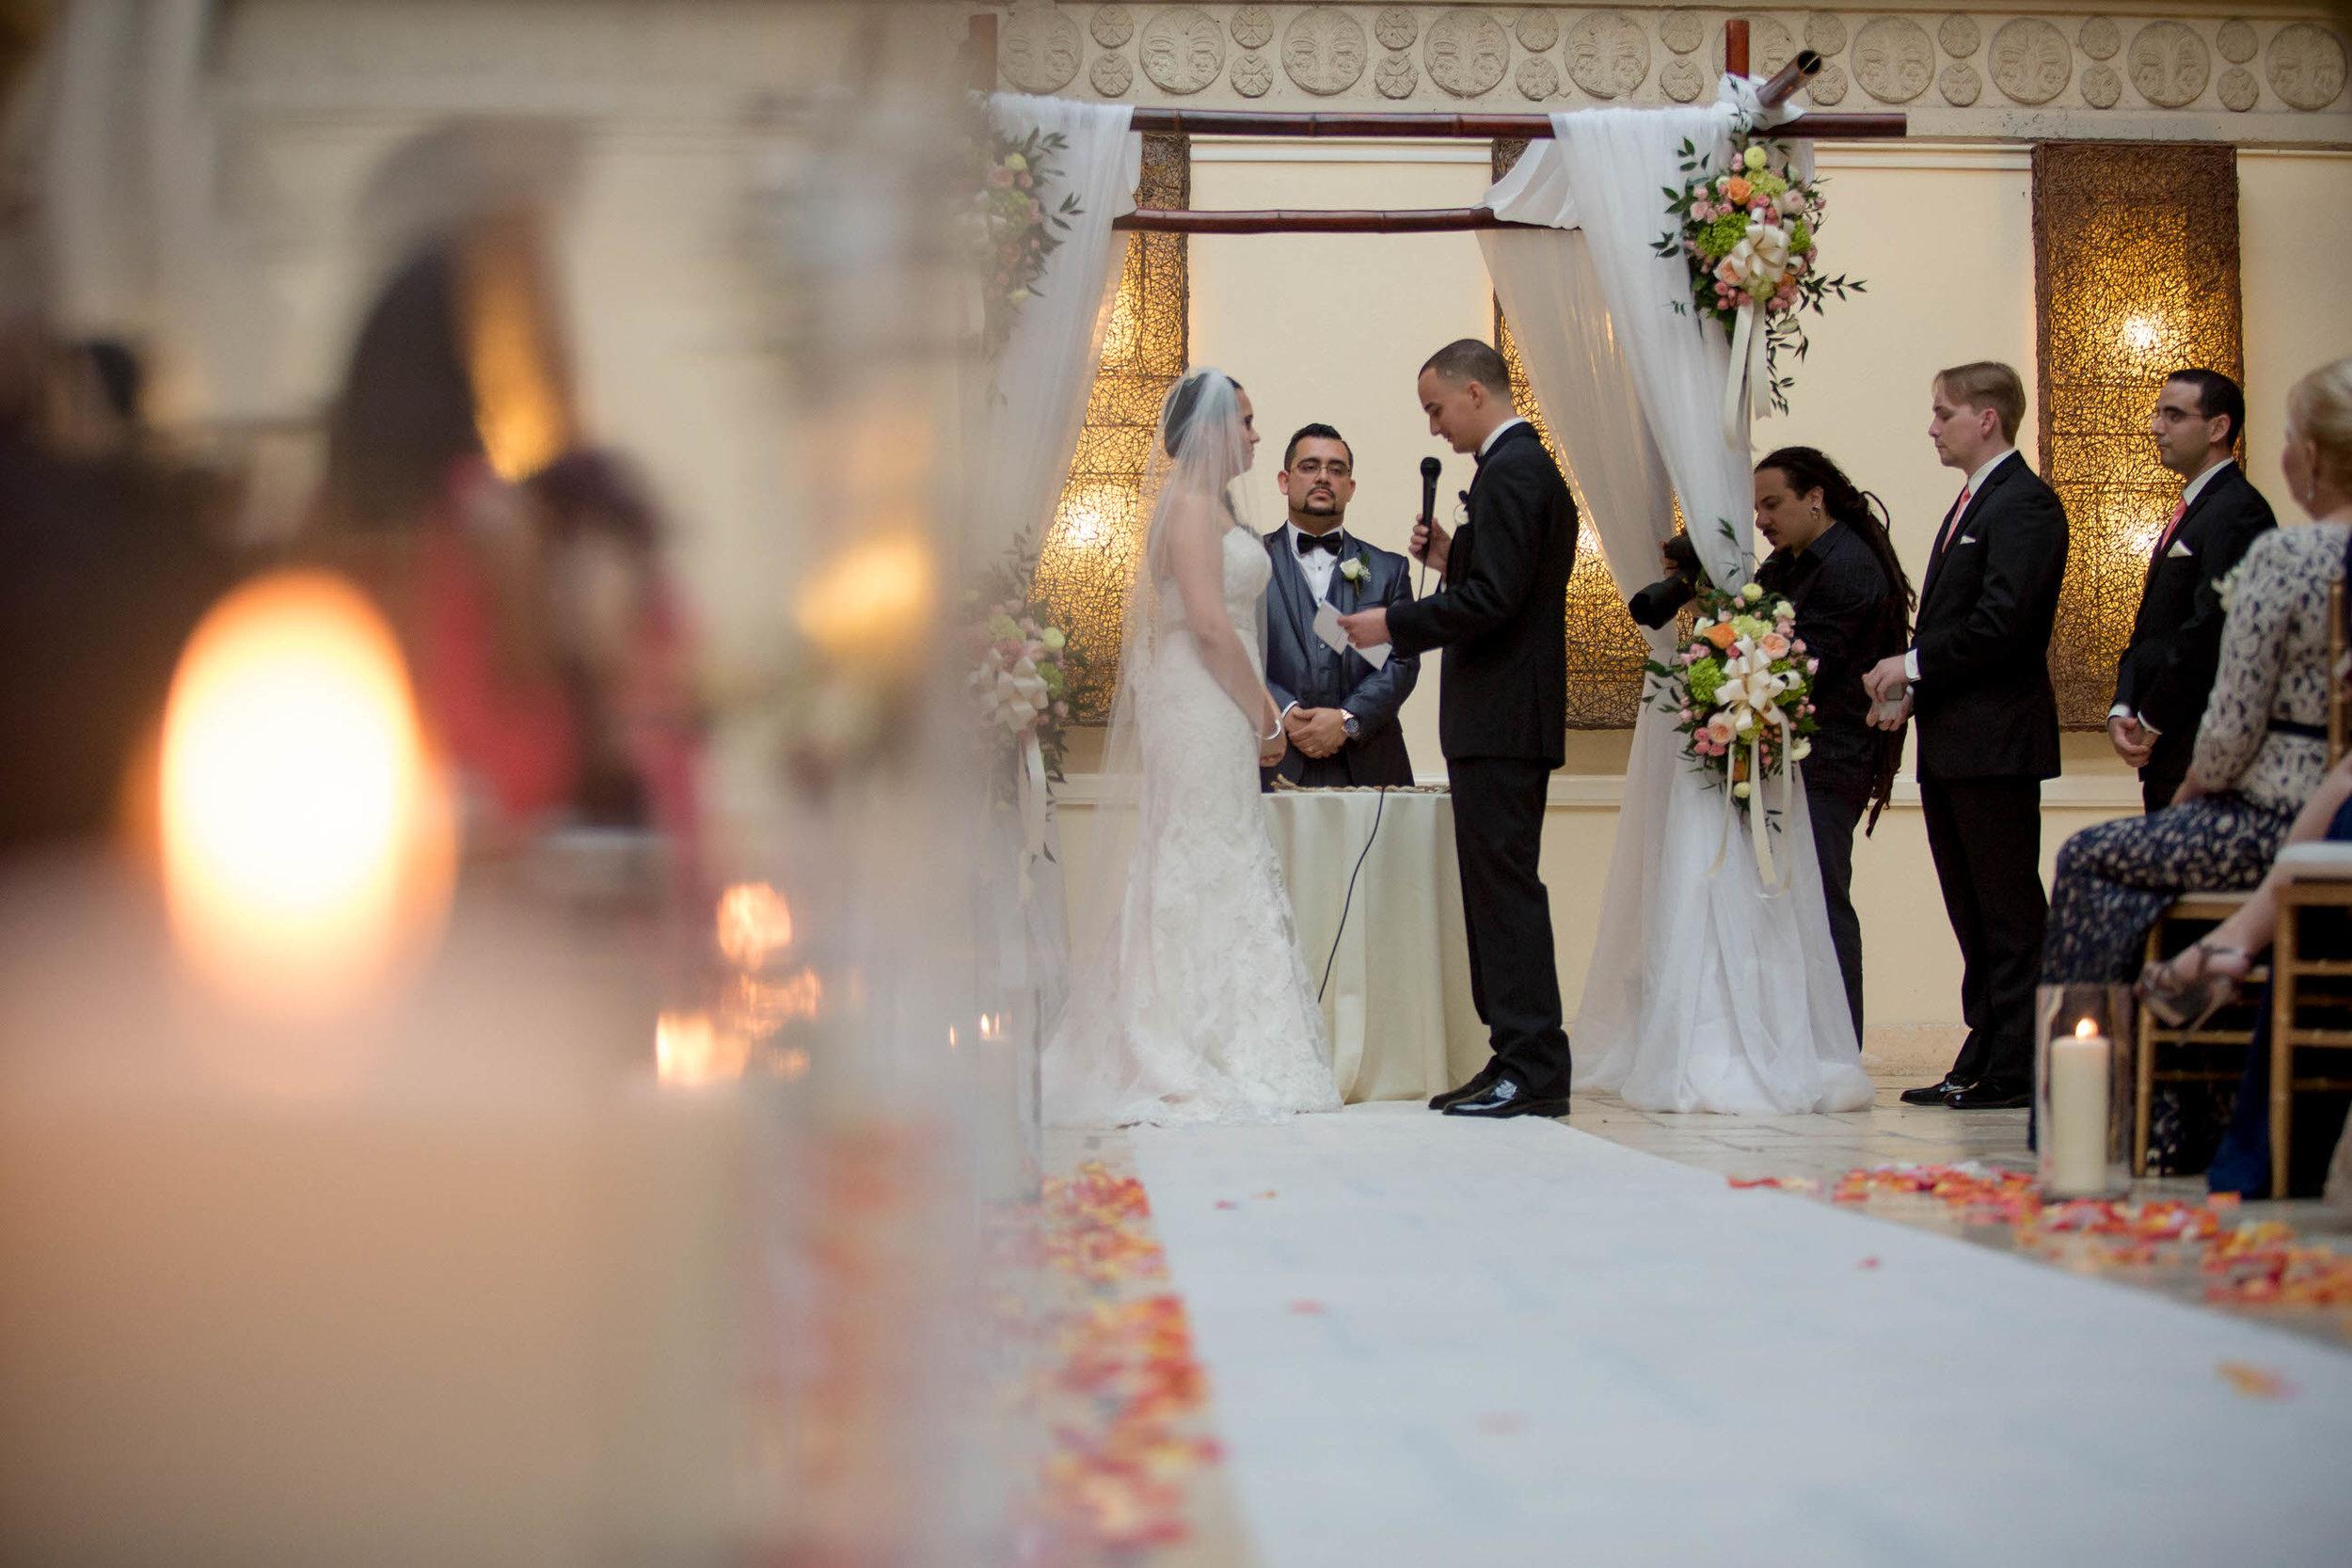 wedding-ceremony-tiny-house-photo-candlelight.jpg